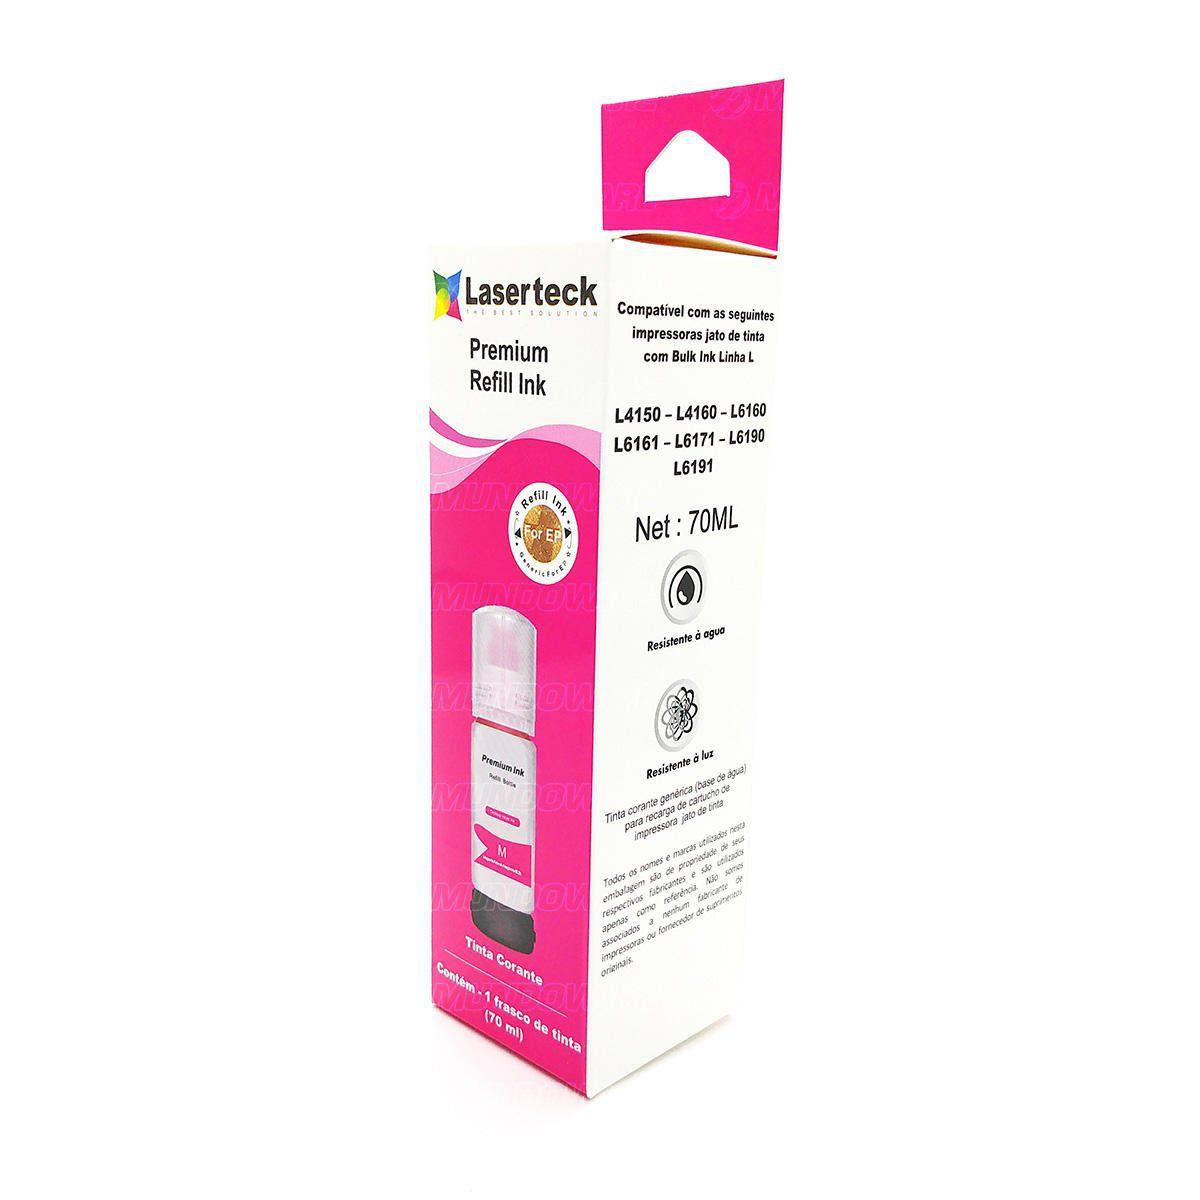 Compatível: Tinta Corante Laserteck para Epson L4150 L4160 L6160 L6161 L6171 L6190 L6191 4160 6160 / Magenta / 70ml